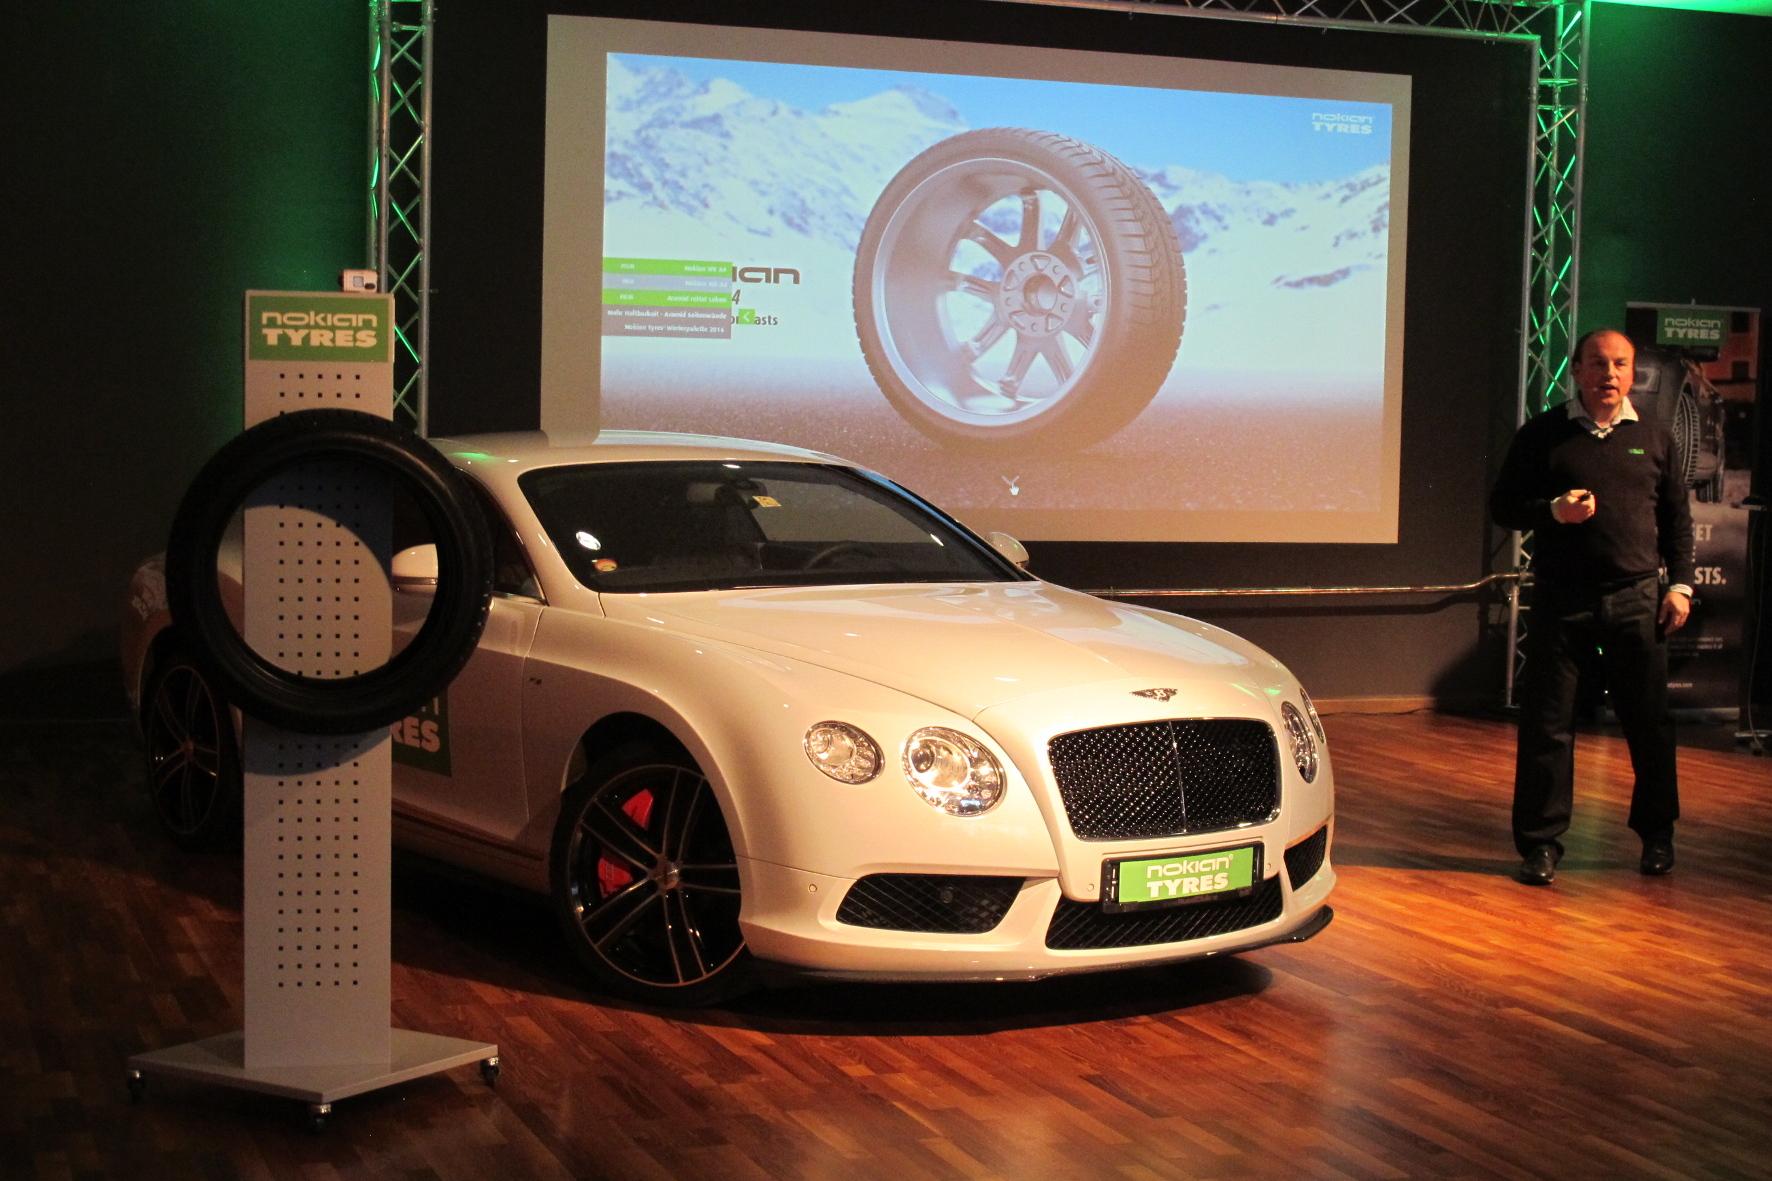 Neuer Winterreifen vom nördlichsten Reifenhersteller der Welt: Nokian präsentiert den WR A4 für leistungsstarke Fahrzeuge.